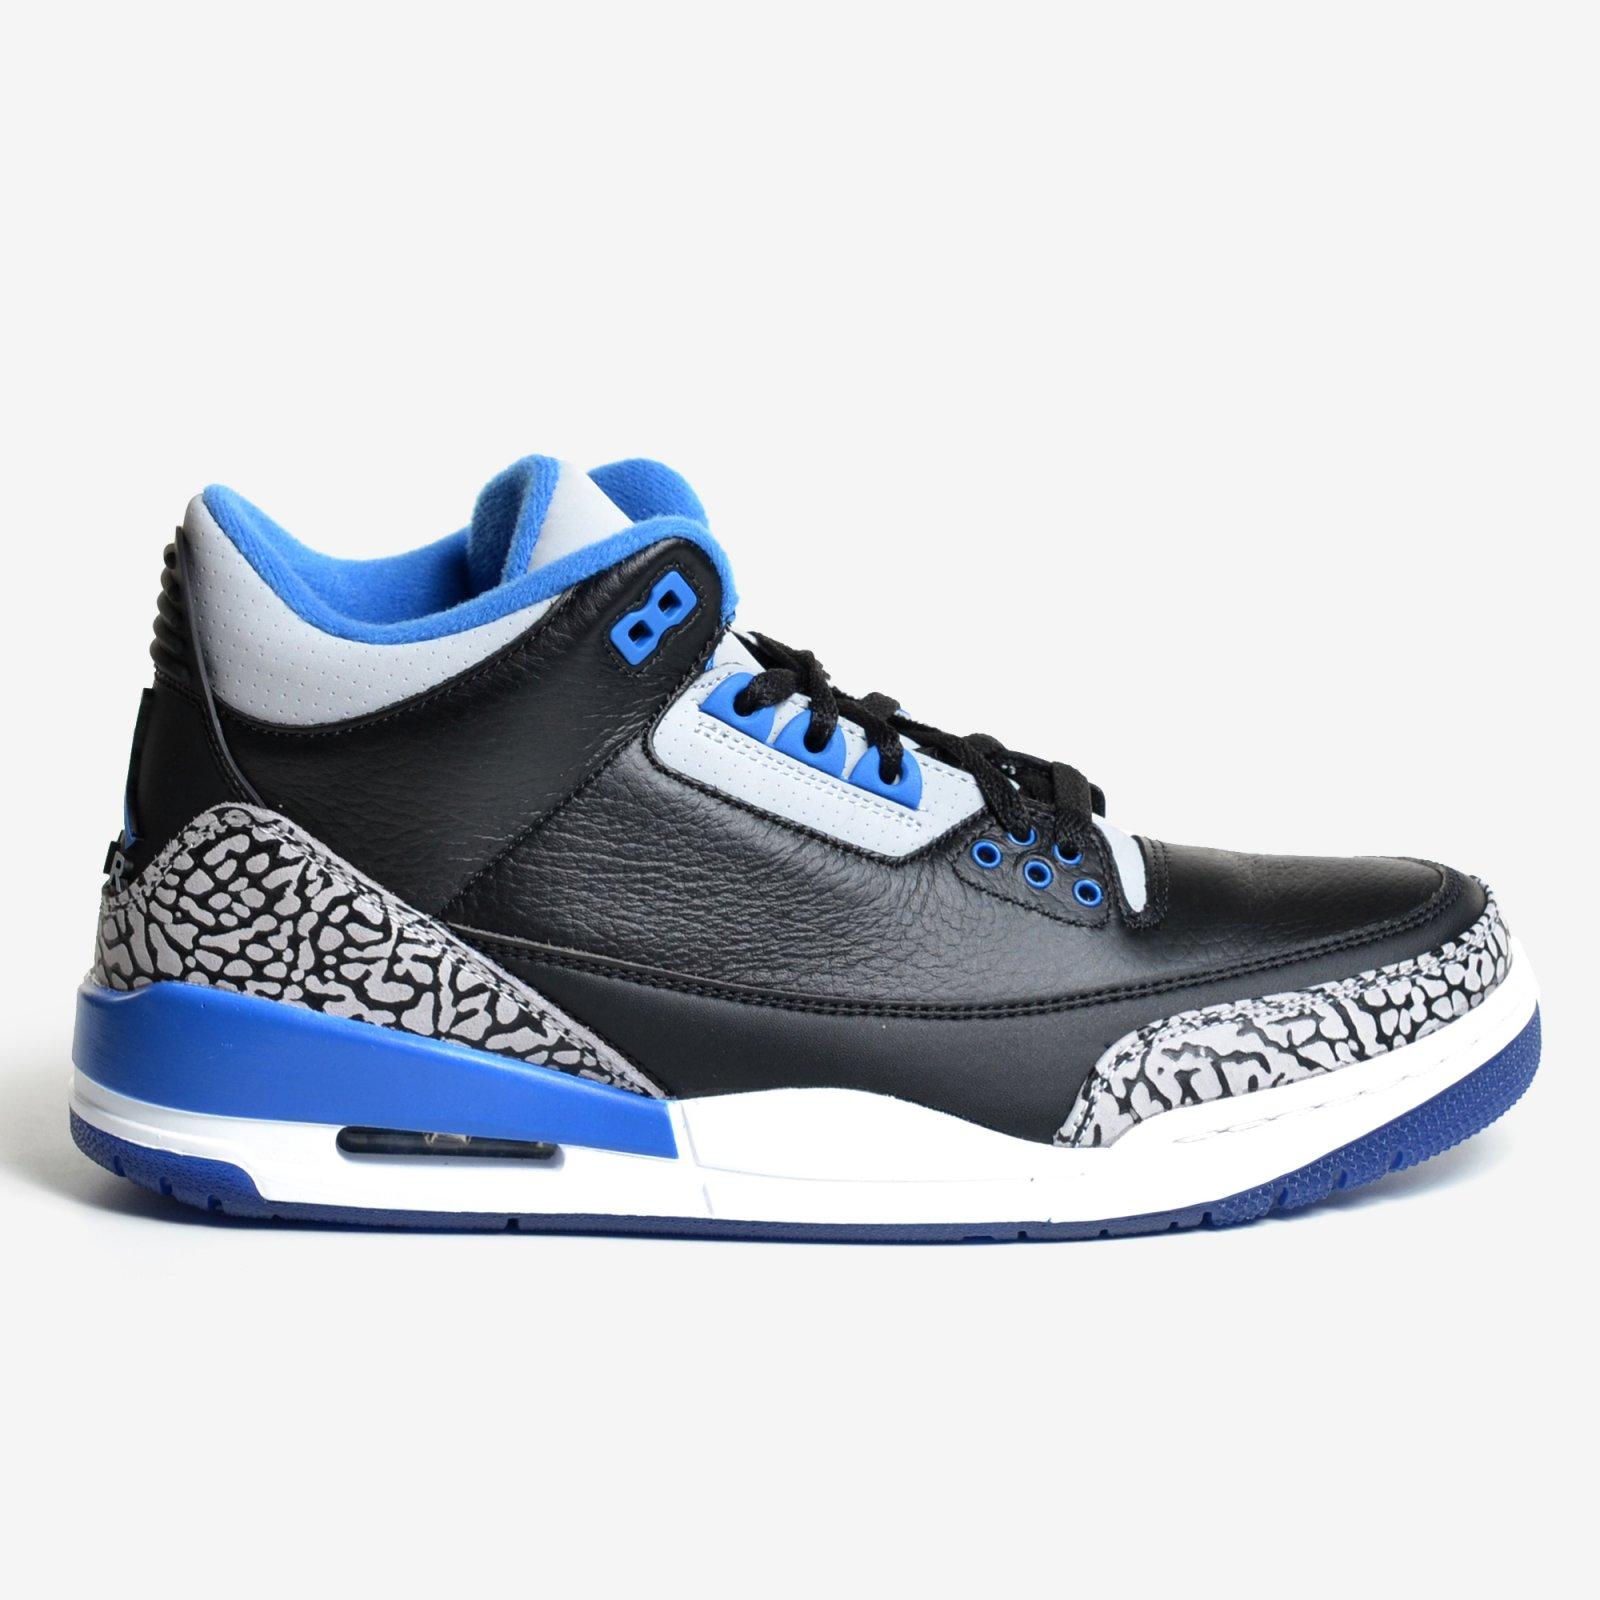 Nike Air Jordan 3 Cement Whit Blue Jordan Retro 3 Mens  9b9c9fd21d